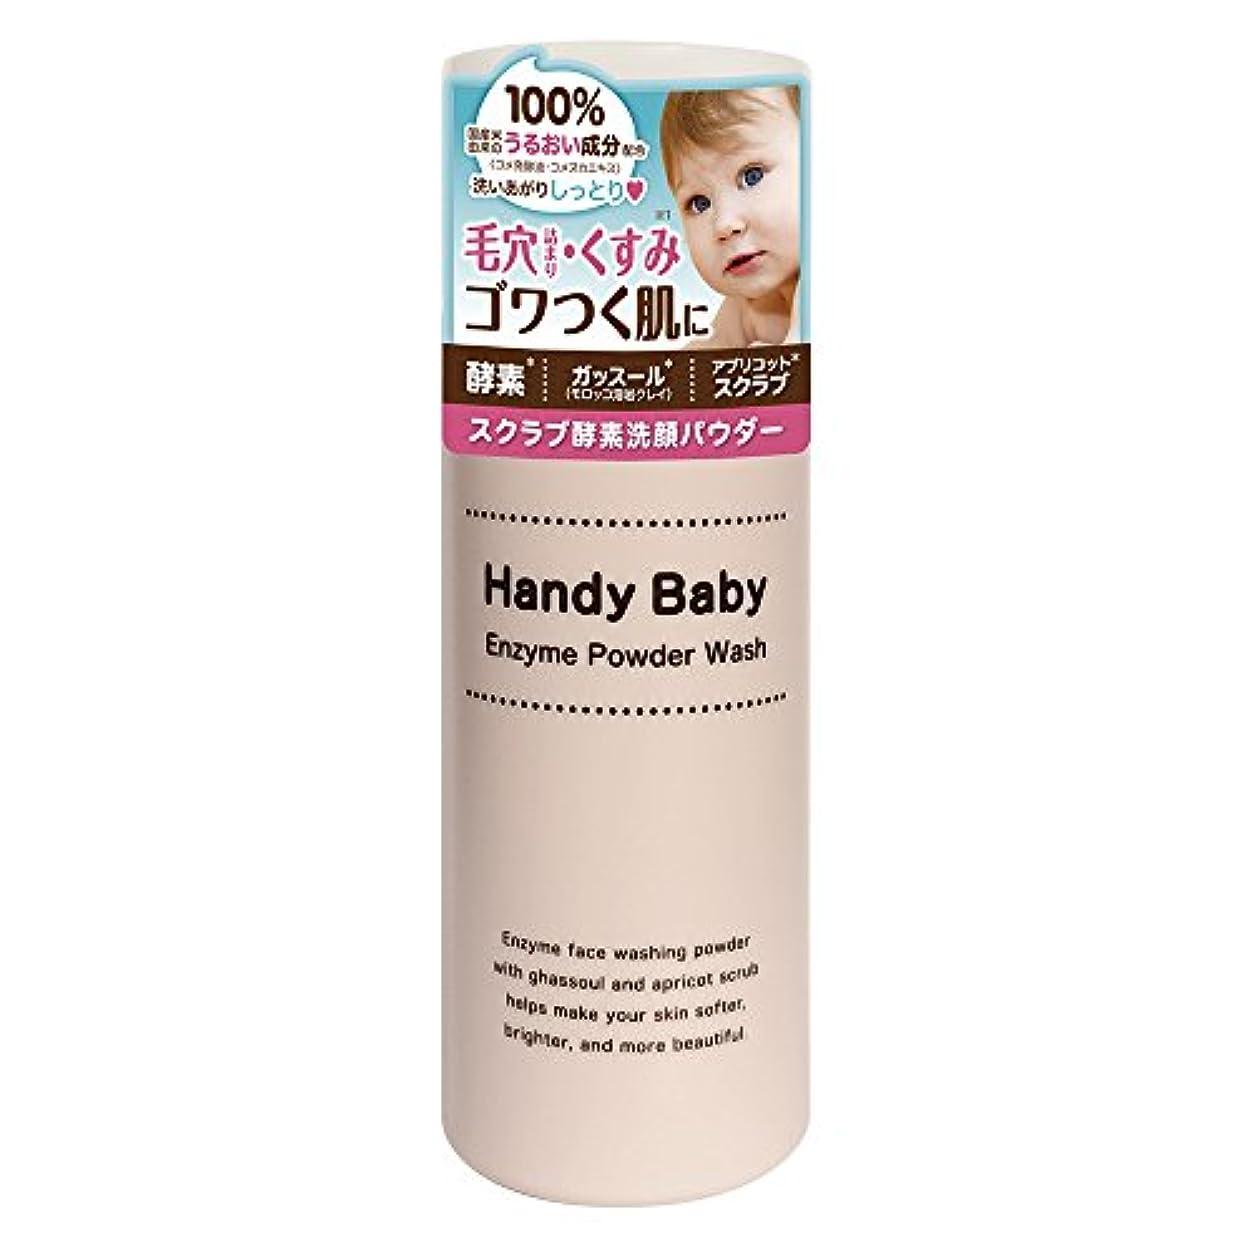 安全海里会議ハンディベイビー スクラブ酵素洗顔パウダー (50g)